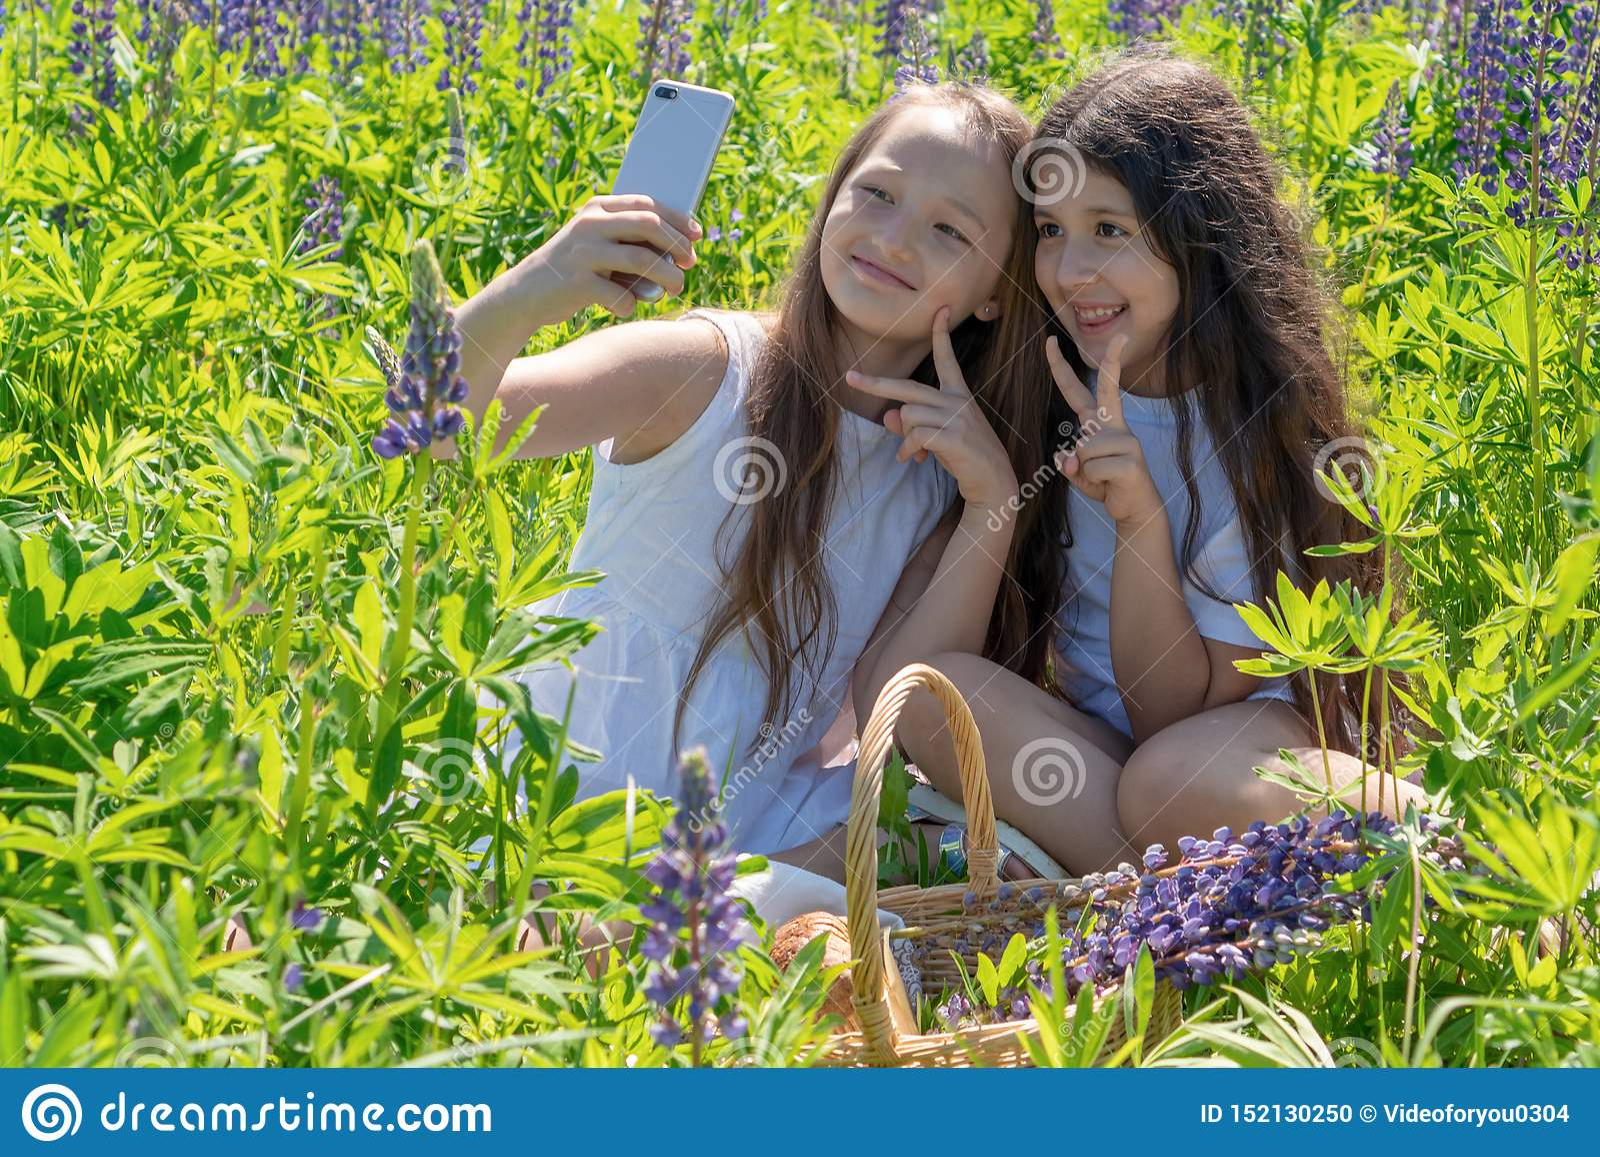 Due neonate fanno il selfie su un telefono fra i fiori in un campo un giorno soleggiato